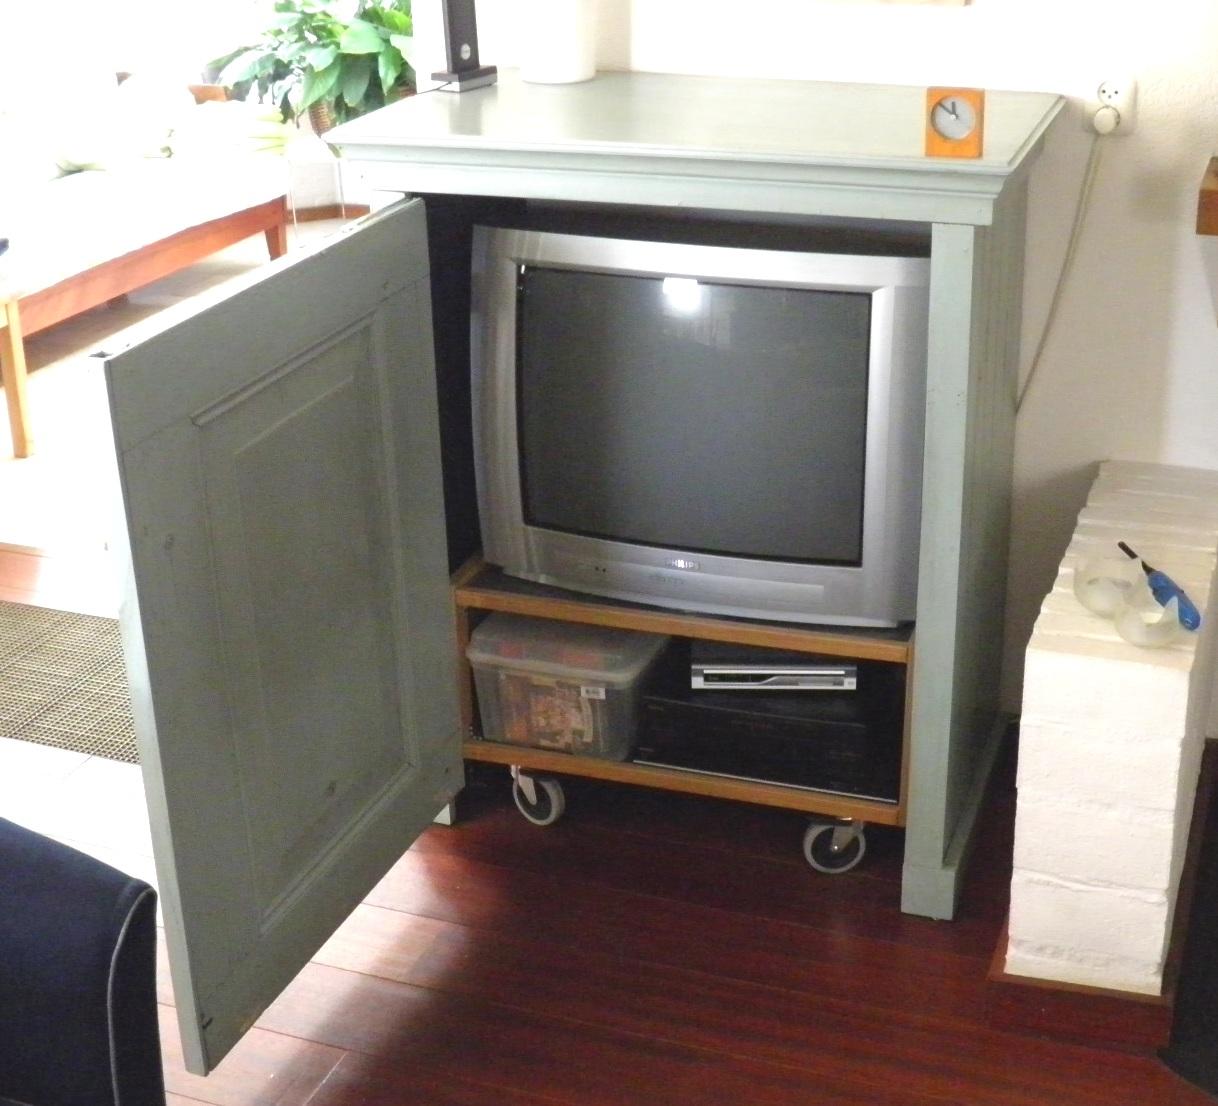 Goedkope Tv Kast.Texel Tv Kast Televisie Kast In Hout Mdf En Vele Kleuren Goedkoop